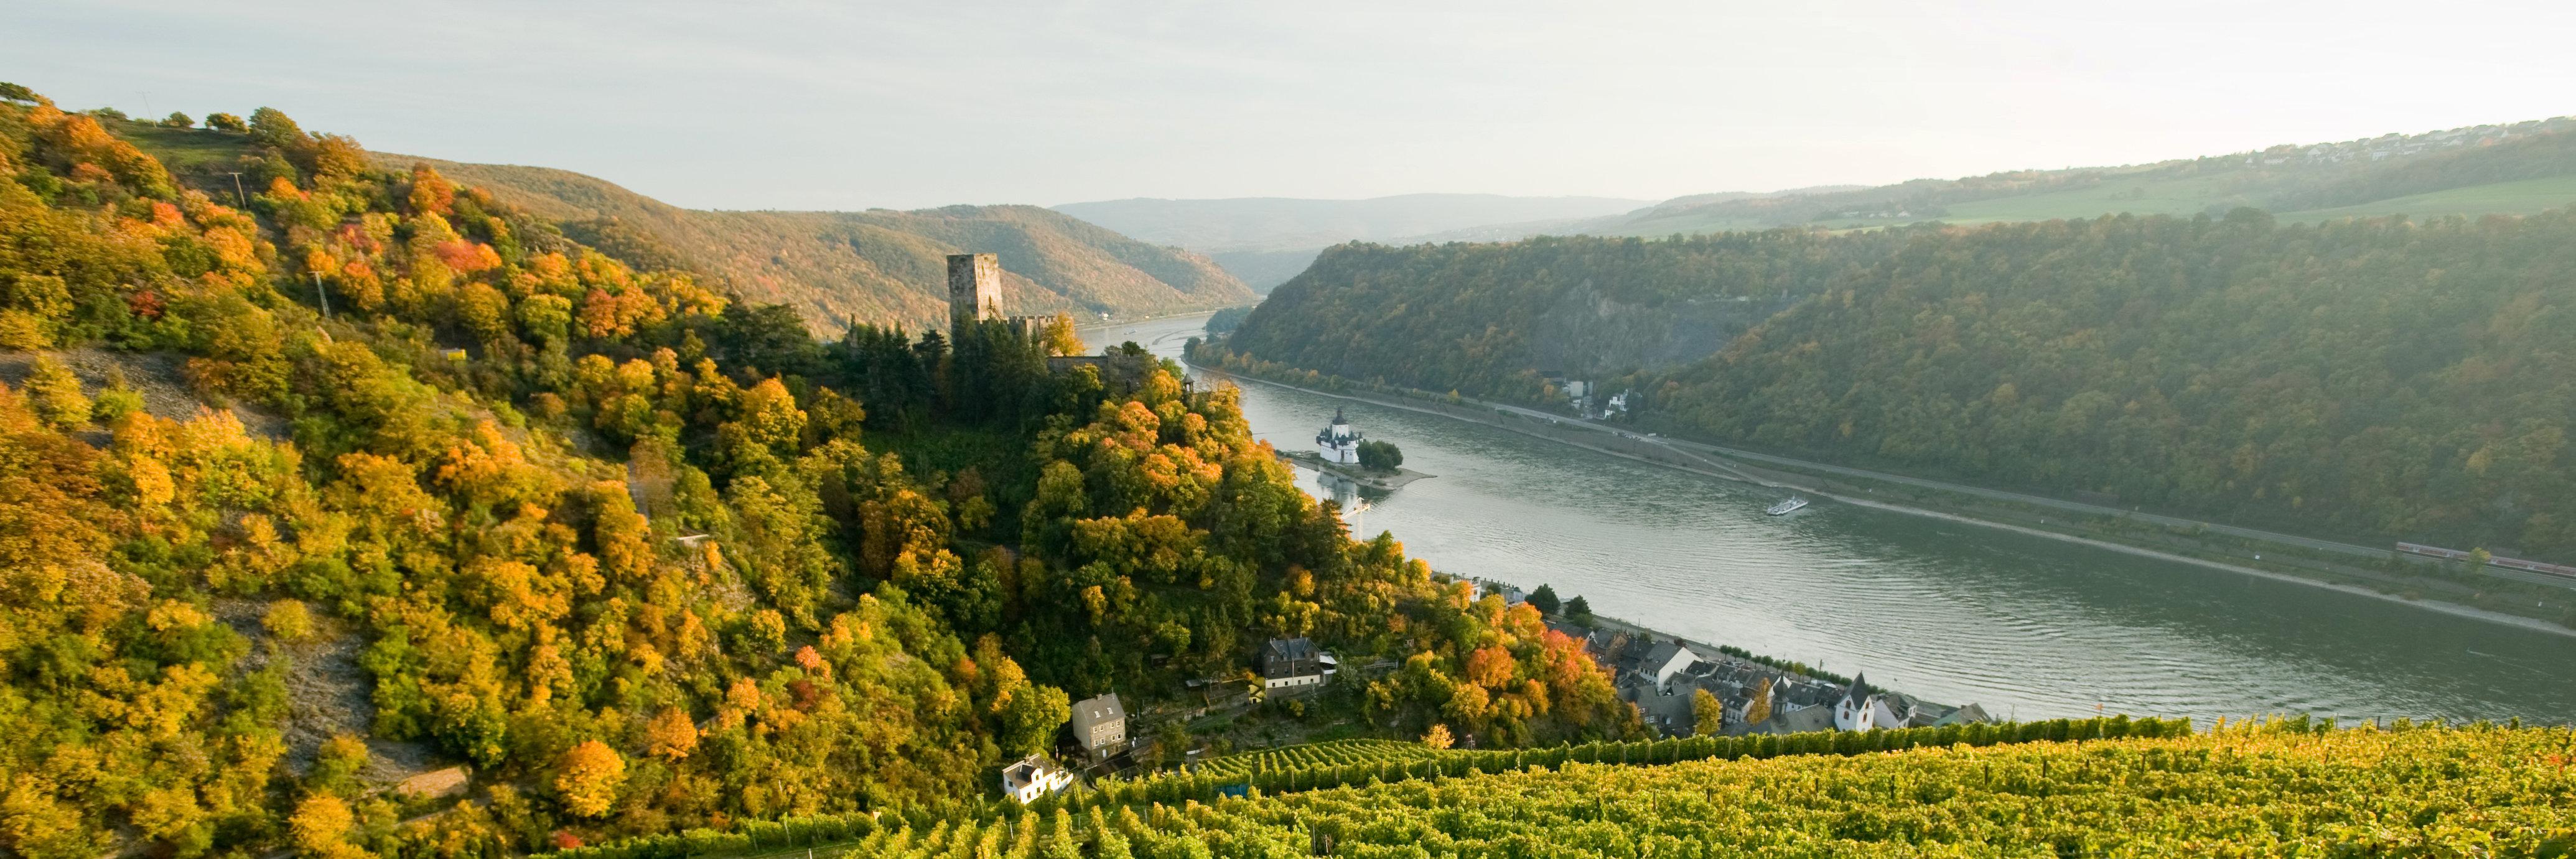 Wandern auf dem Rheinsteig: Weinberge mit Blick auf Burg Pfalzgrafenstein, Romantischer Rhein